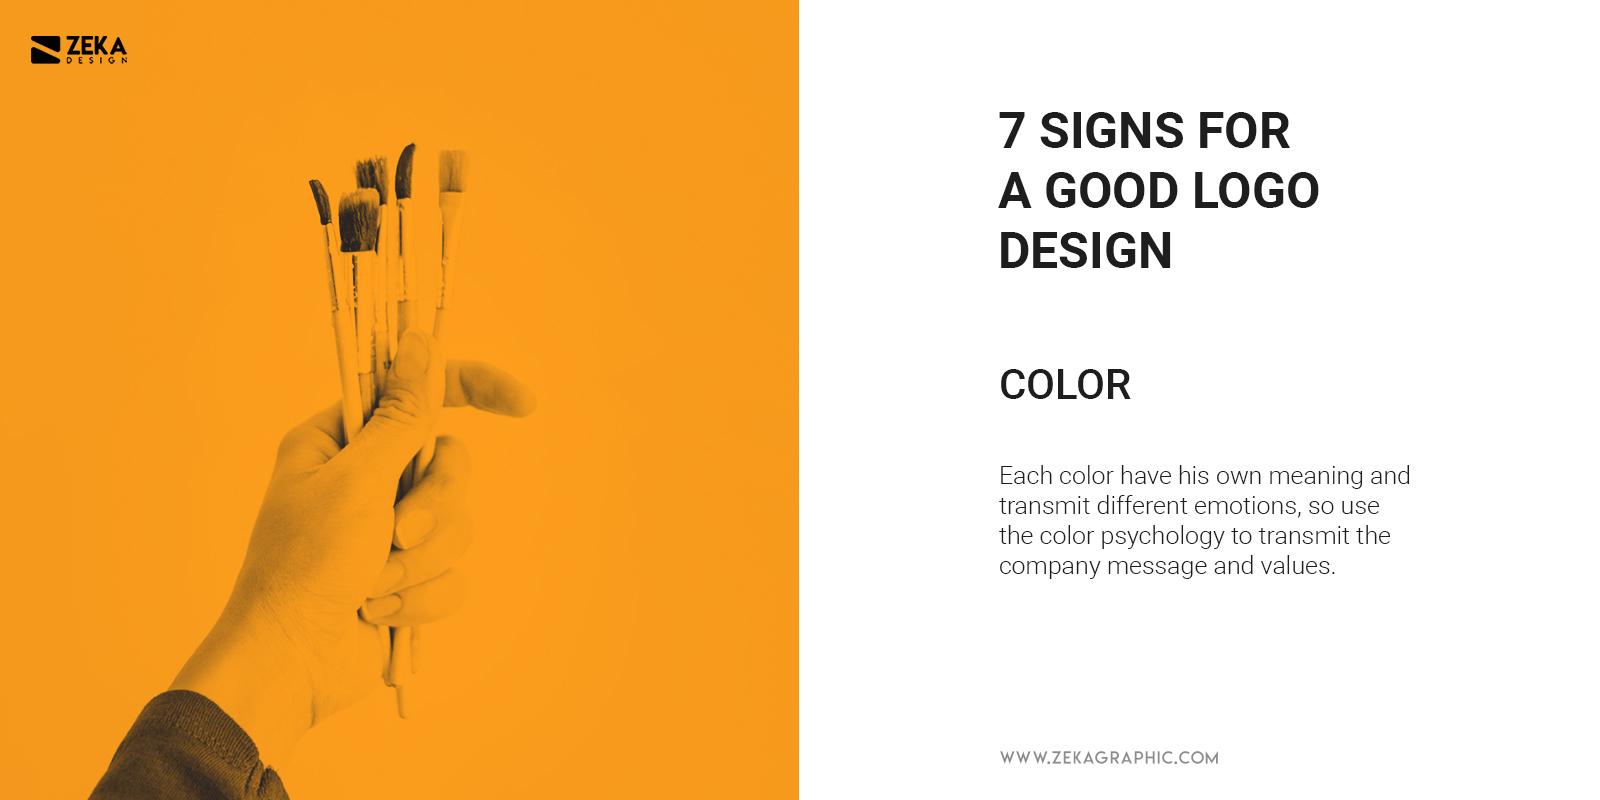 Color Logo Design Quality What Makes Good Logo Design